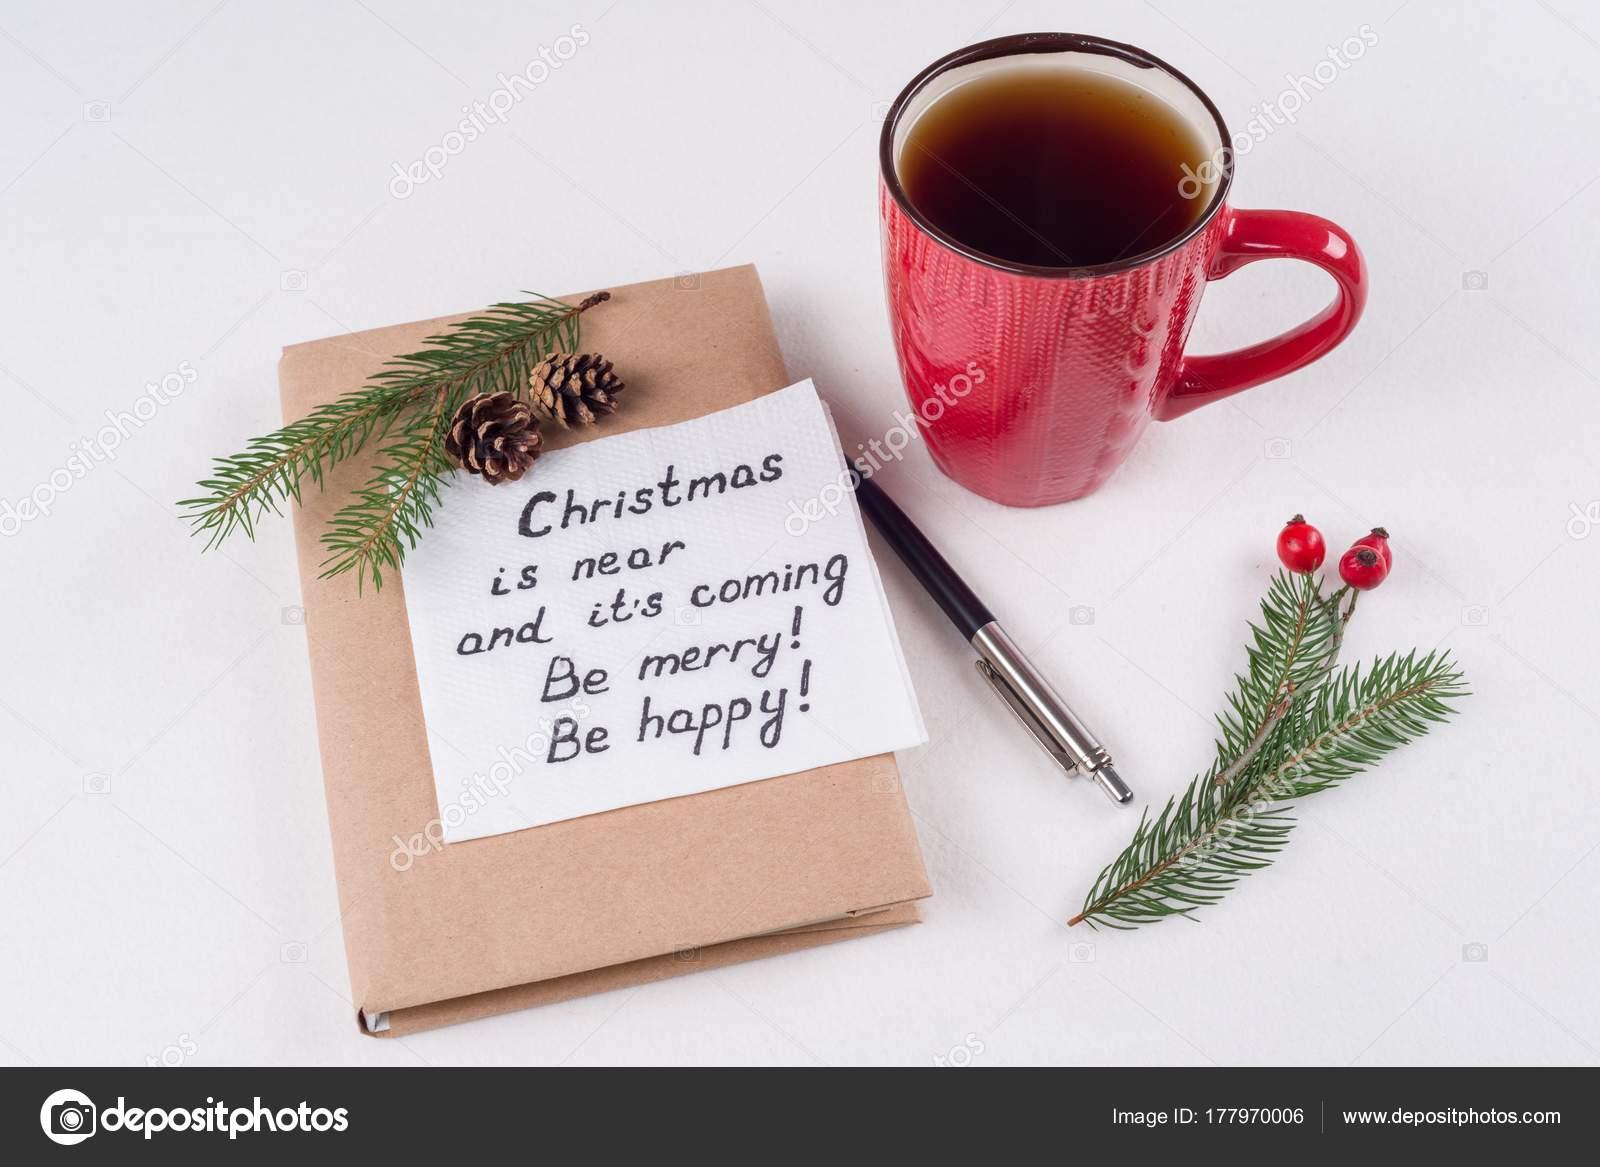 Weihnachtsgrüße Text Lustig.Frohe Weihnachtsgrüße Oder Wünsche Handgeschriebenen Text Mit